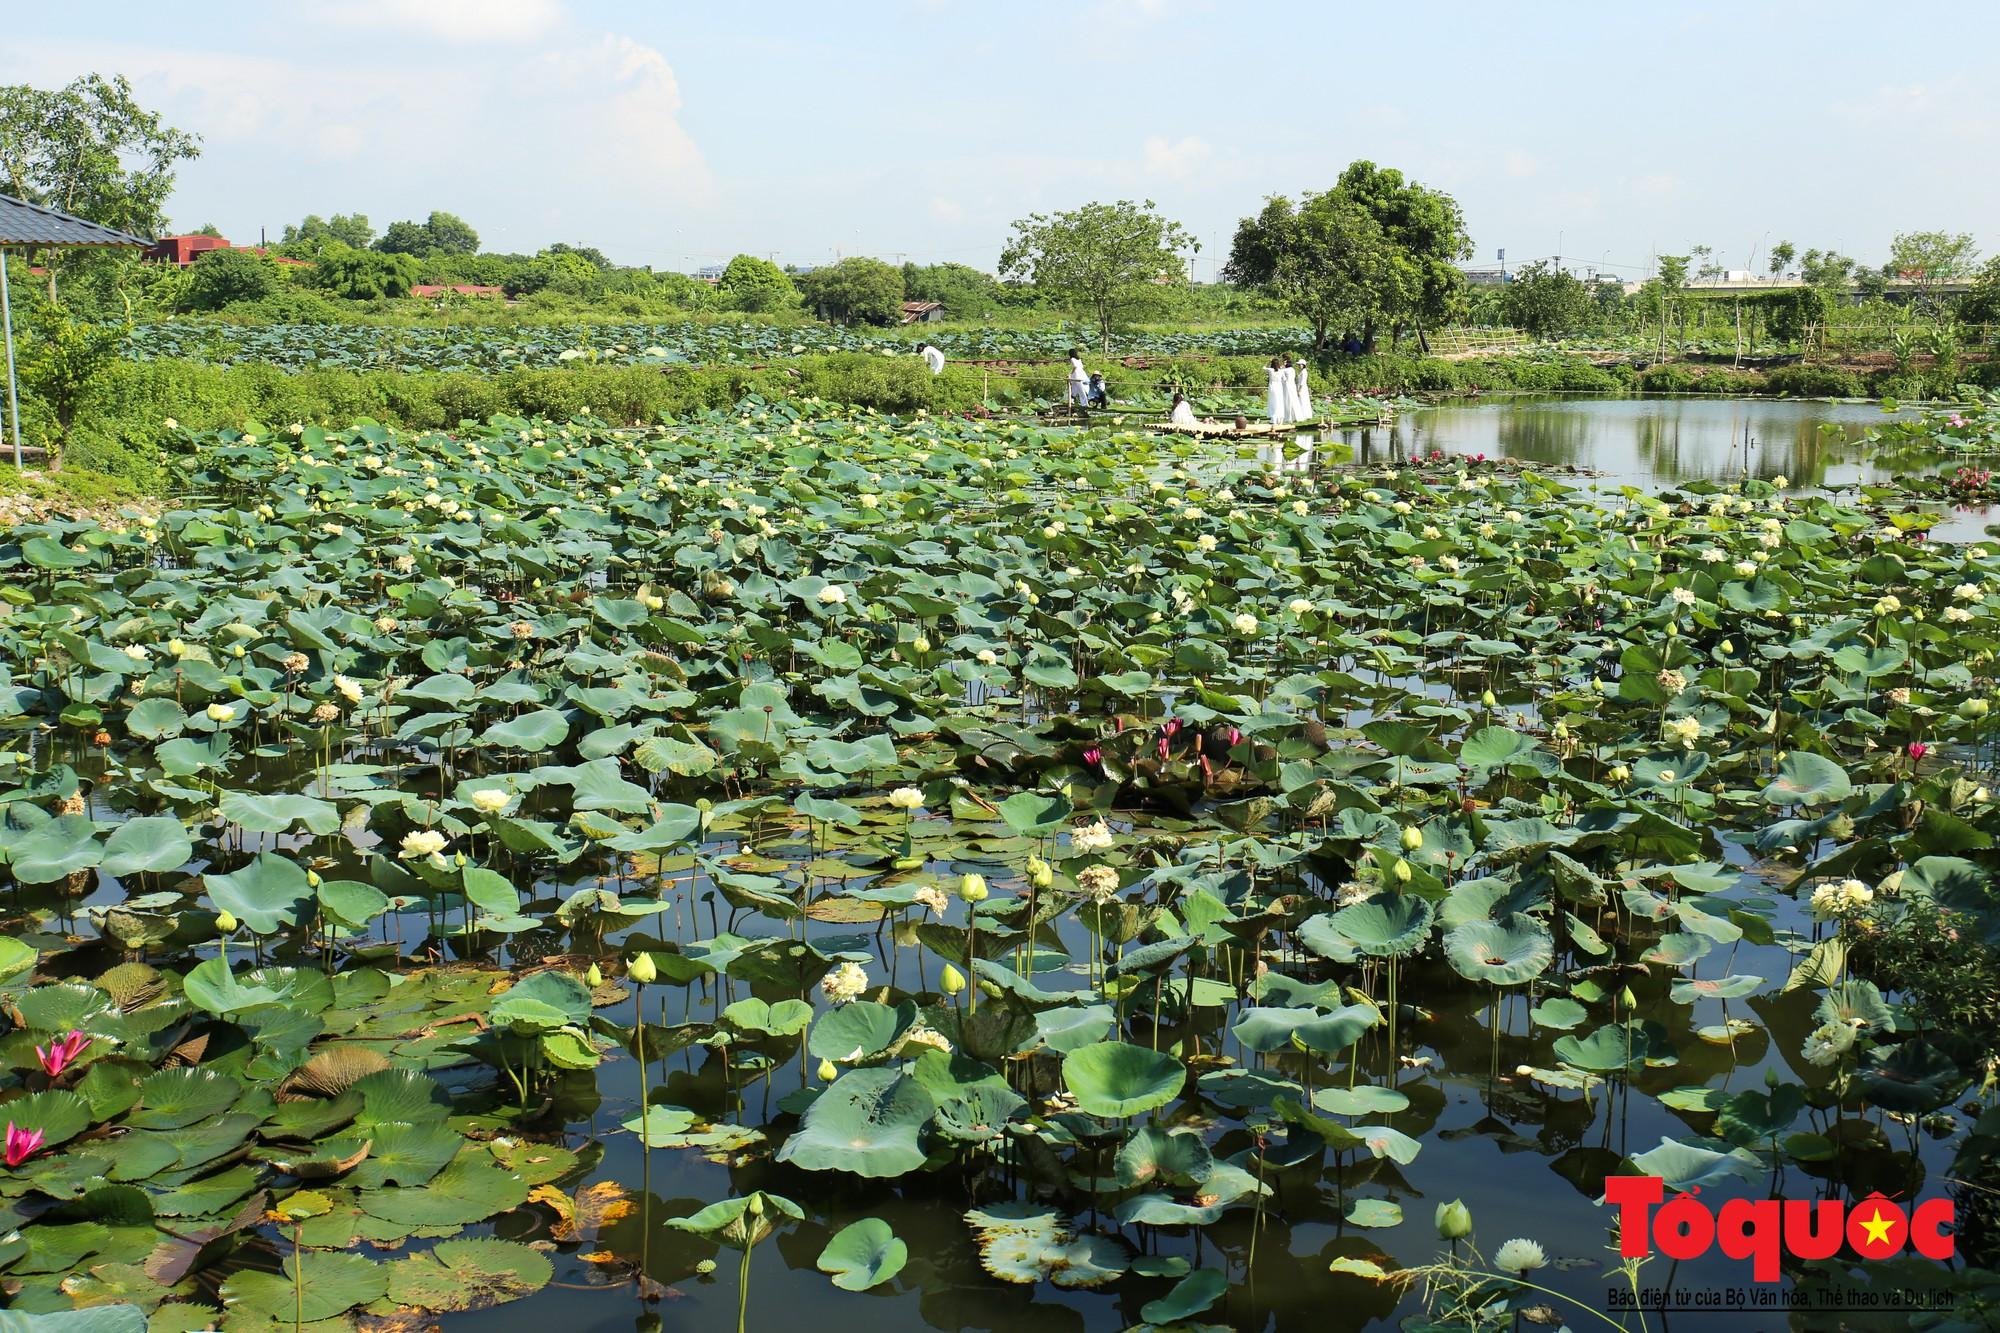 Mục sở thị nơi bảo tồn 40 loài sen quý  (1)